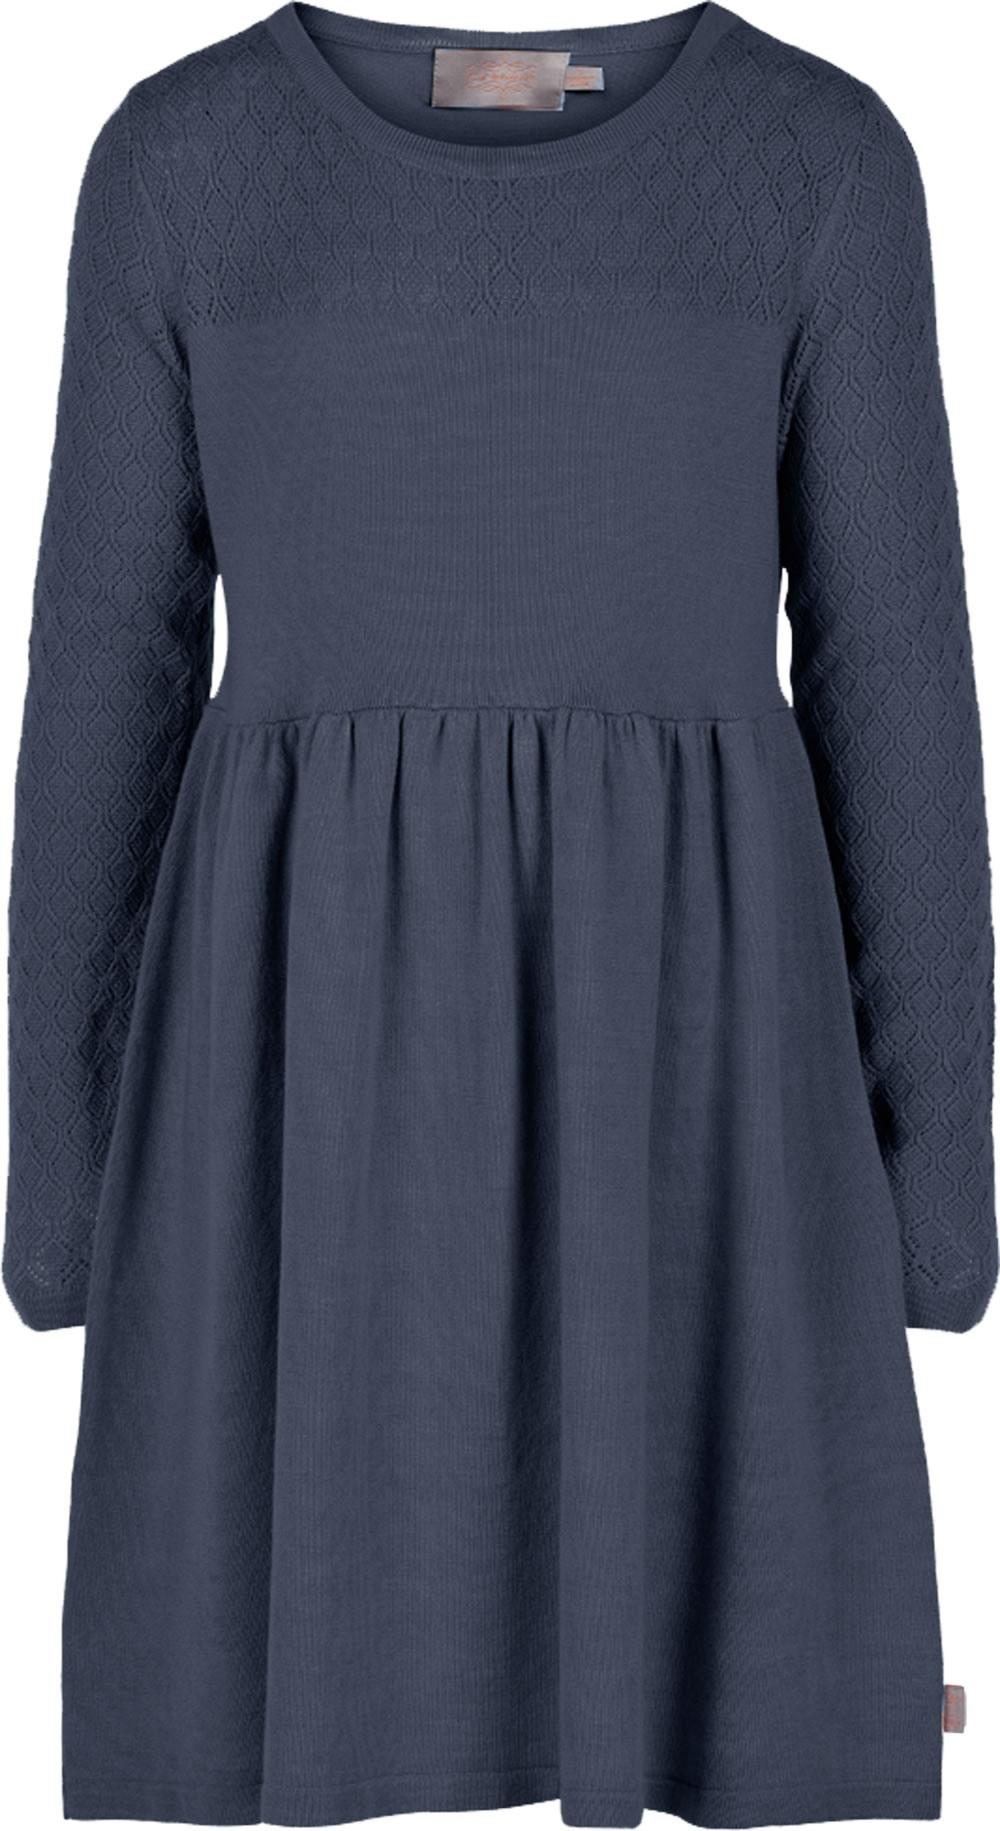 Abend Leicht Kleid Langarm Galerie17 Ausgezeichnet Kleid Langarm Vertrieb